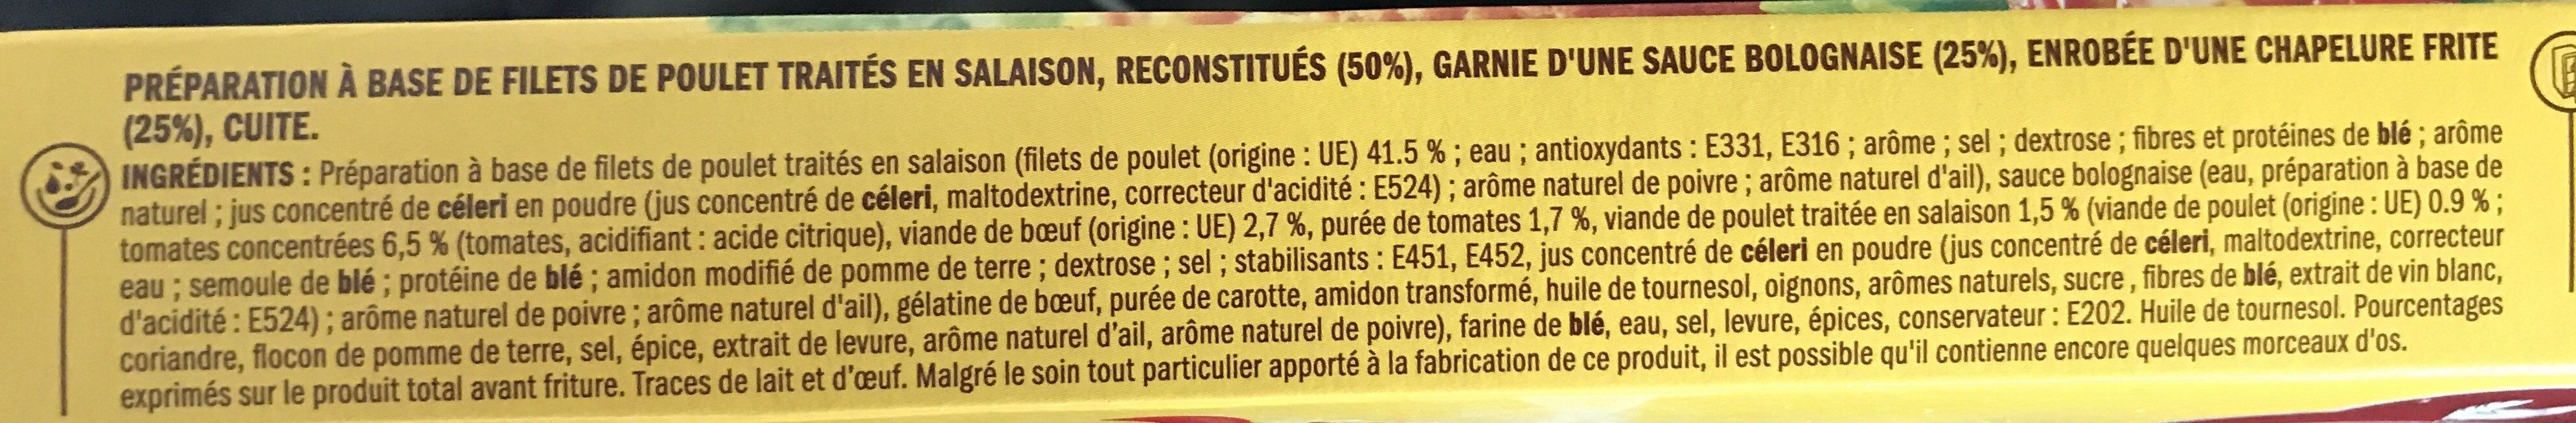 Escalopes bolognaise x 2 - Ingrediënten